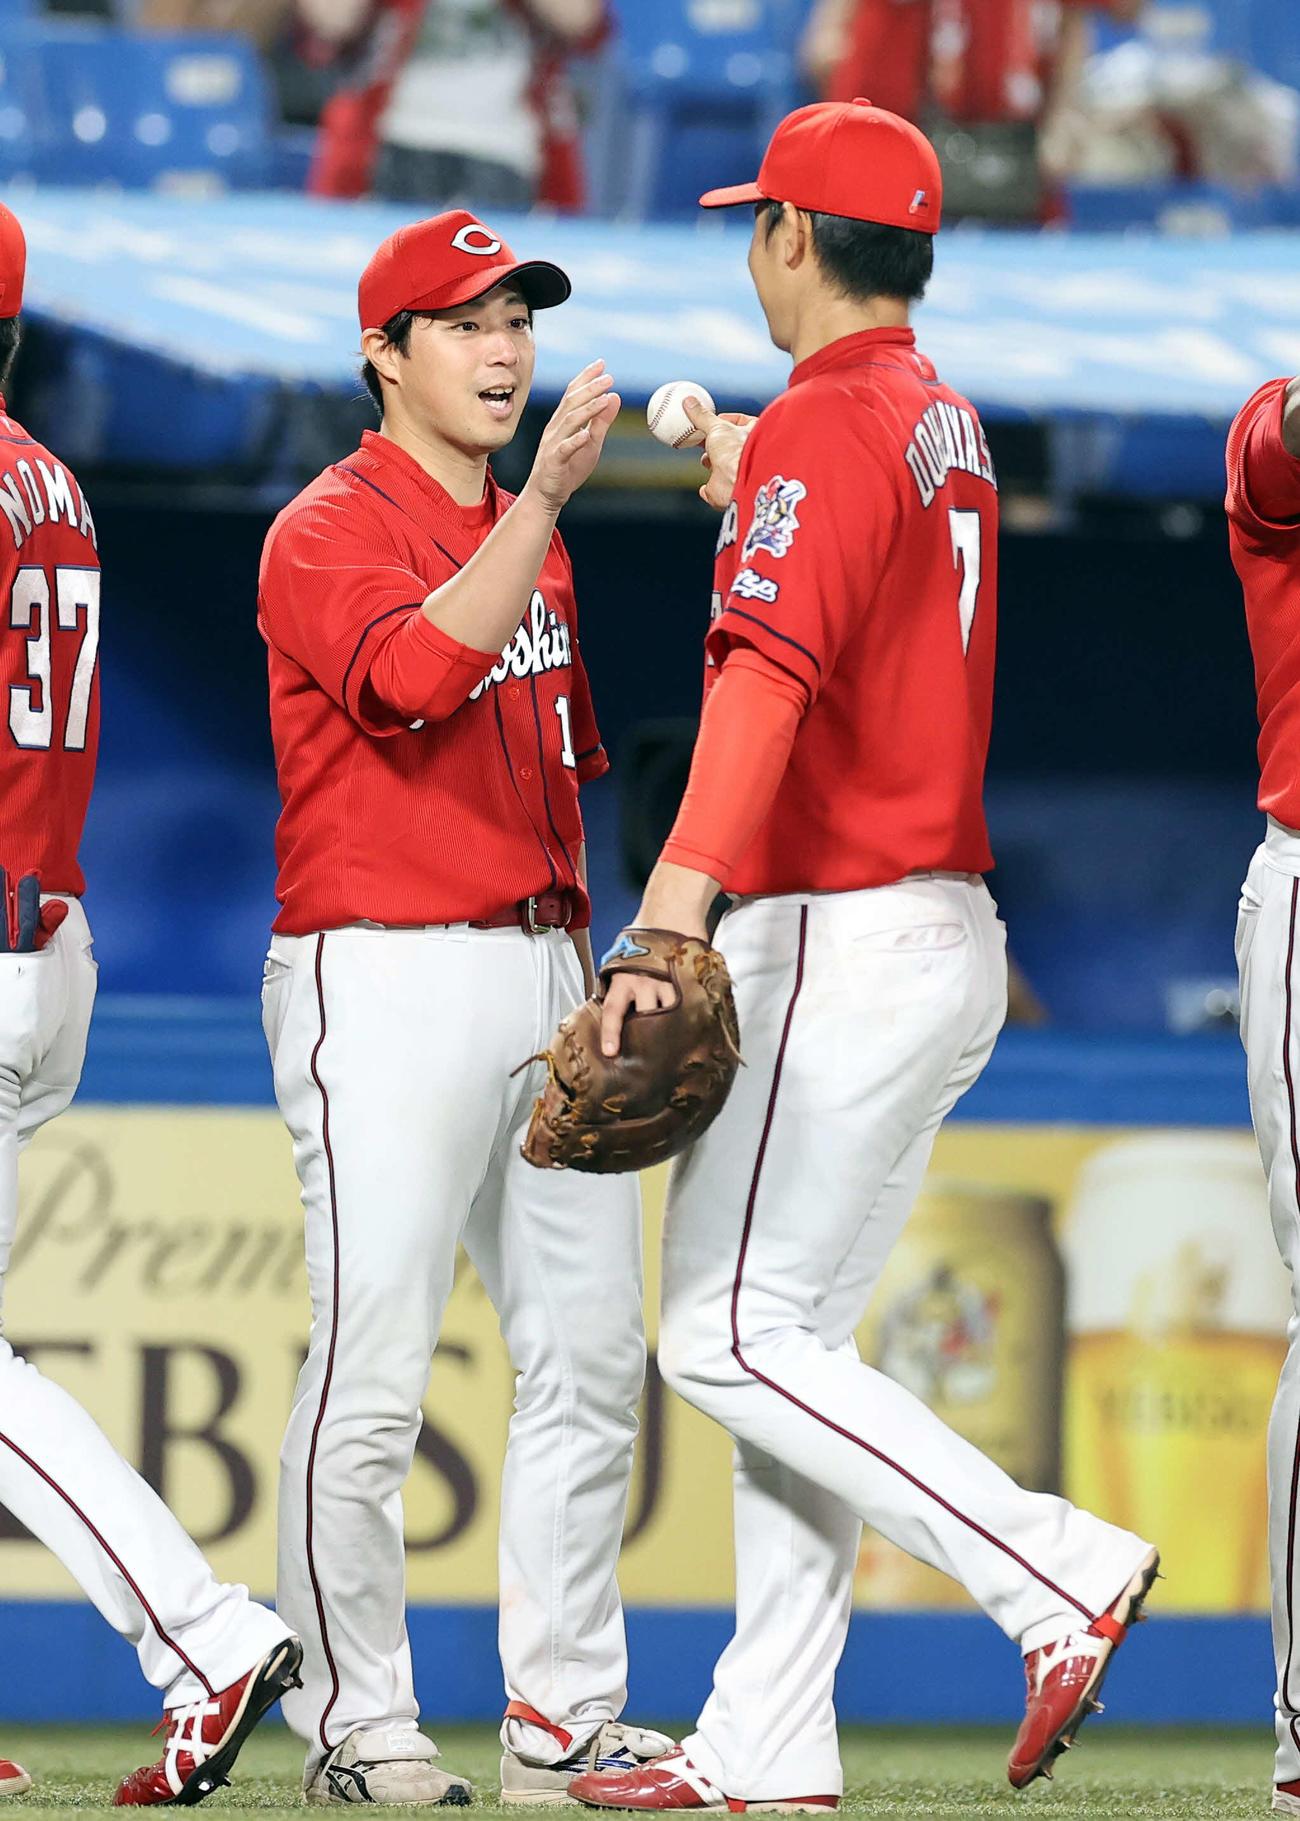 ヤクルト対広島 今季2勝目を挙げた野村(左)は笑顔で、堂林からウイニングボールを受け取る(撮影・浅見桂子)